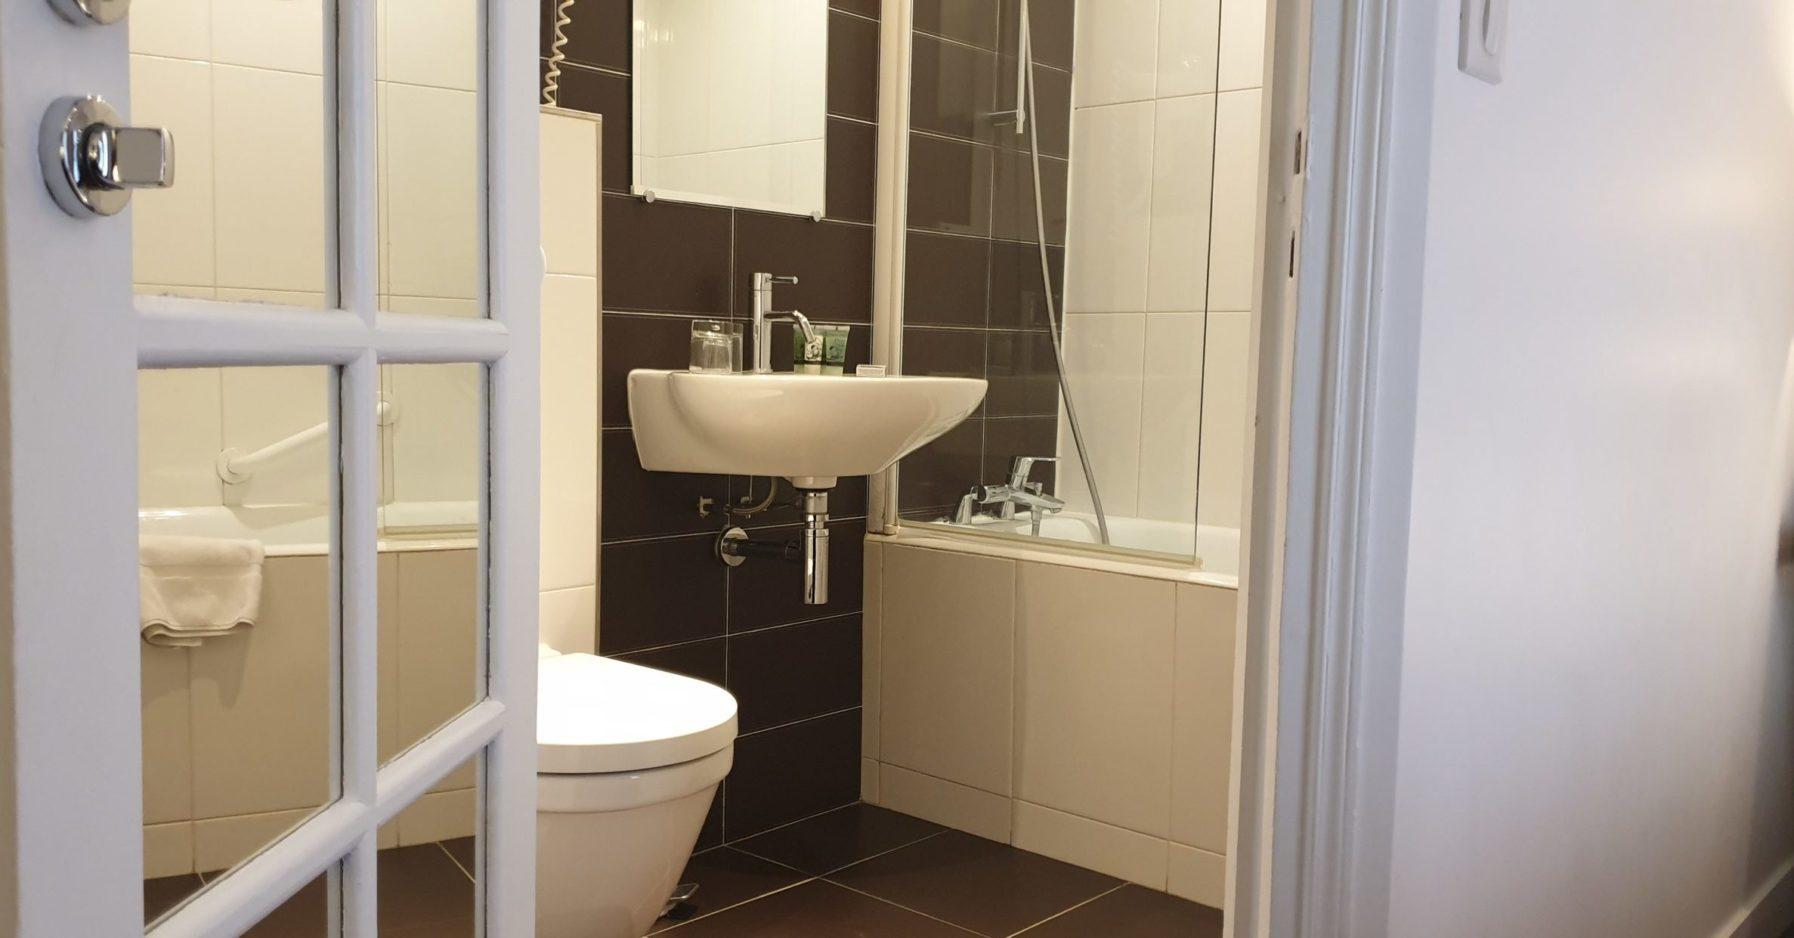 salle de bain double supérieure 3 - hôtel star champs-élysées